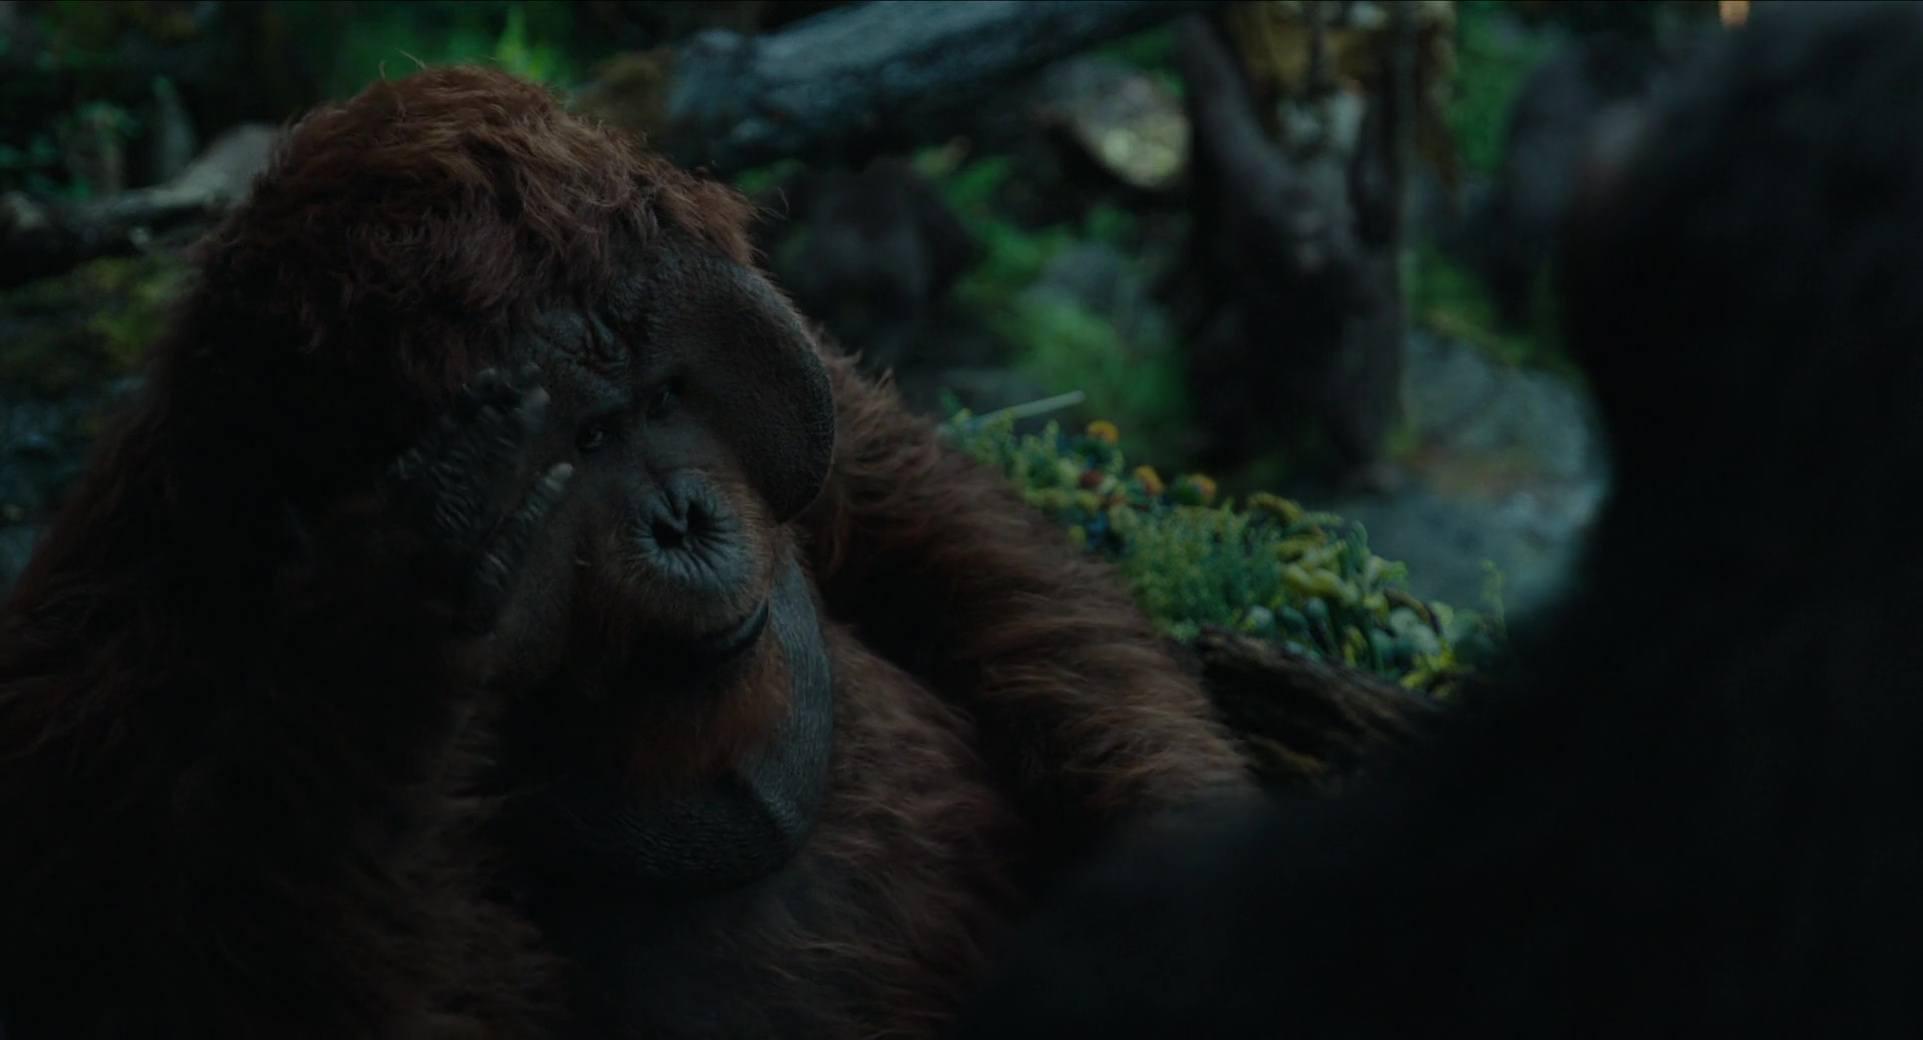 image planète singes affrontement daw planet apes disney fox